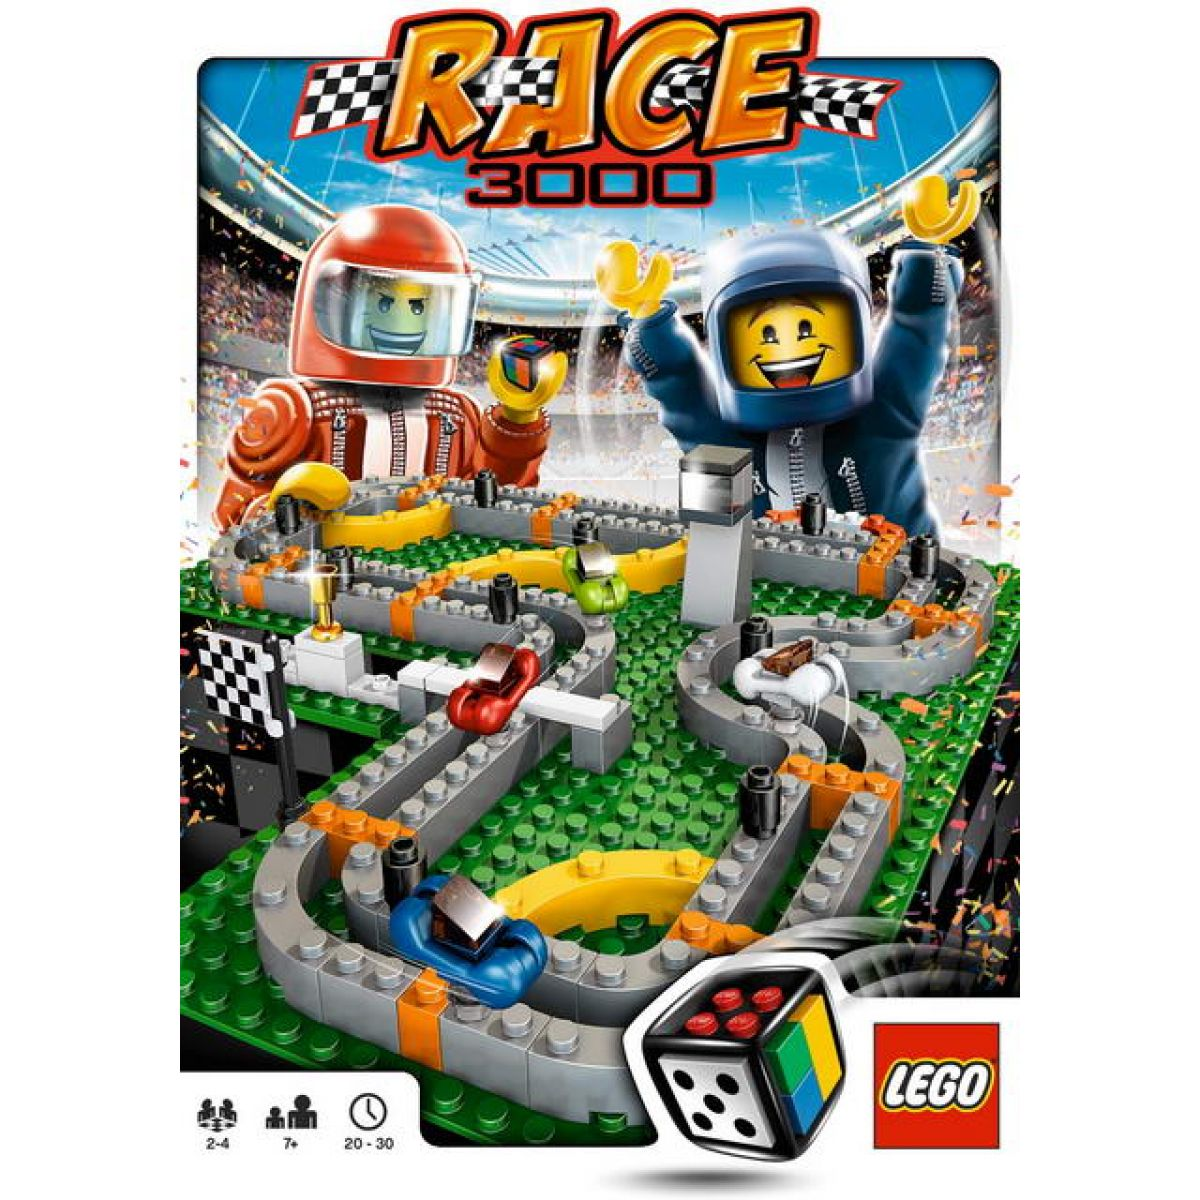 LEGO Stolní hra 3839 Race 3000